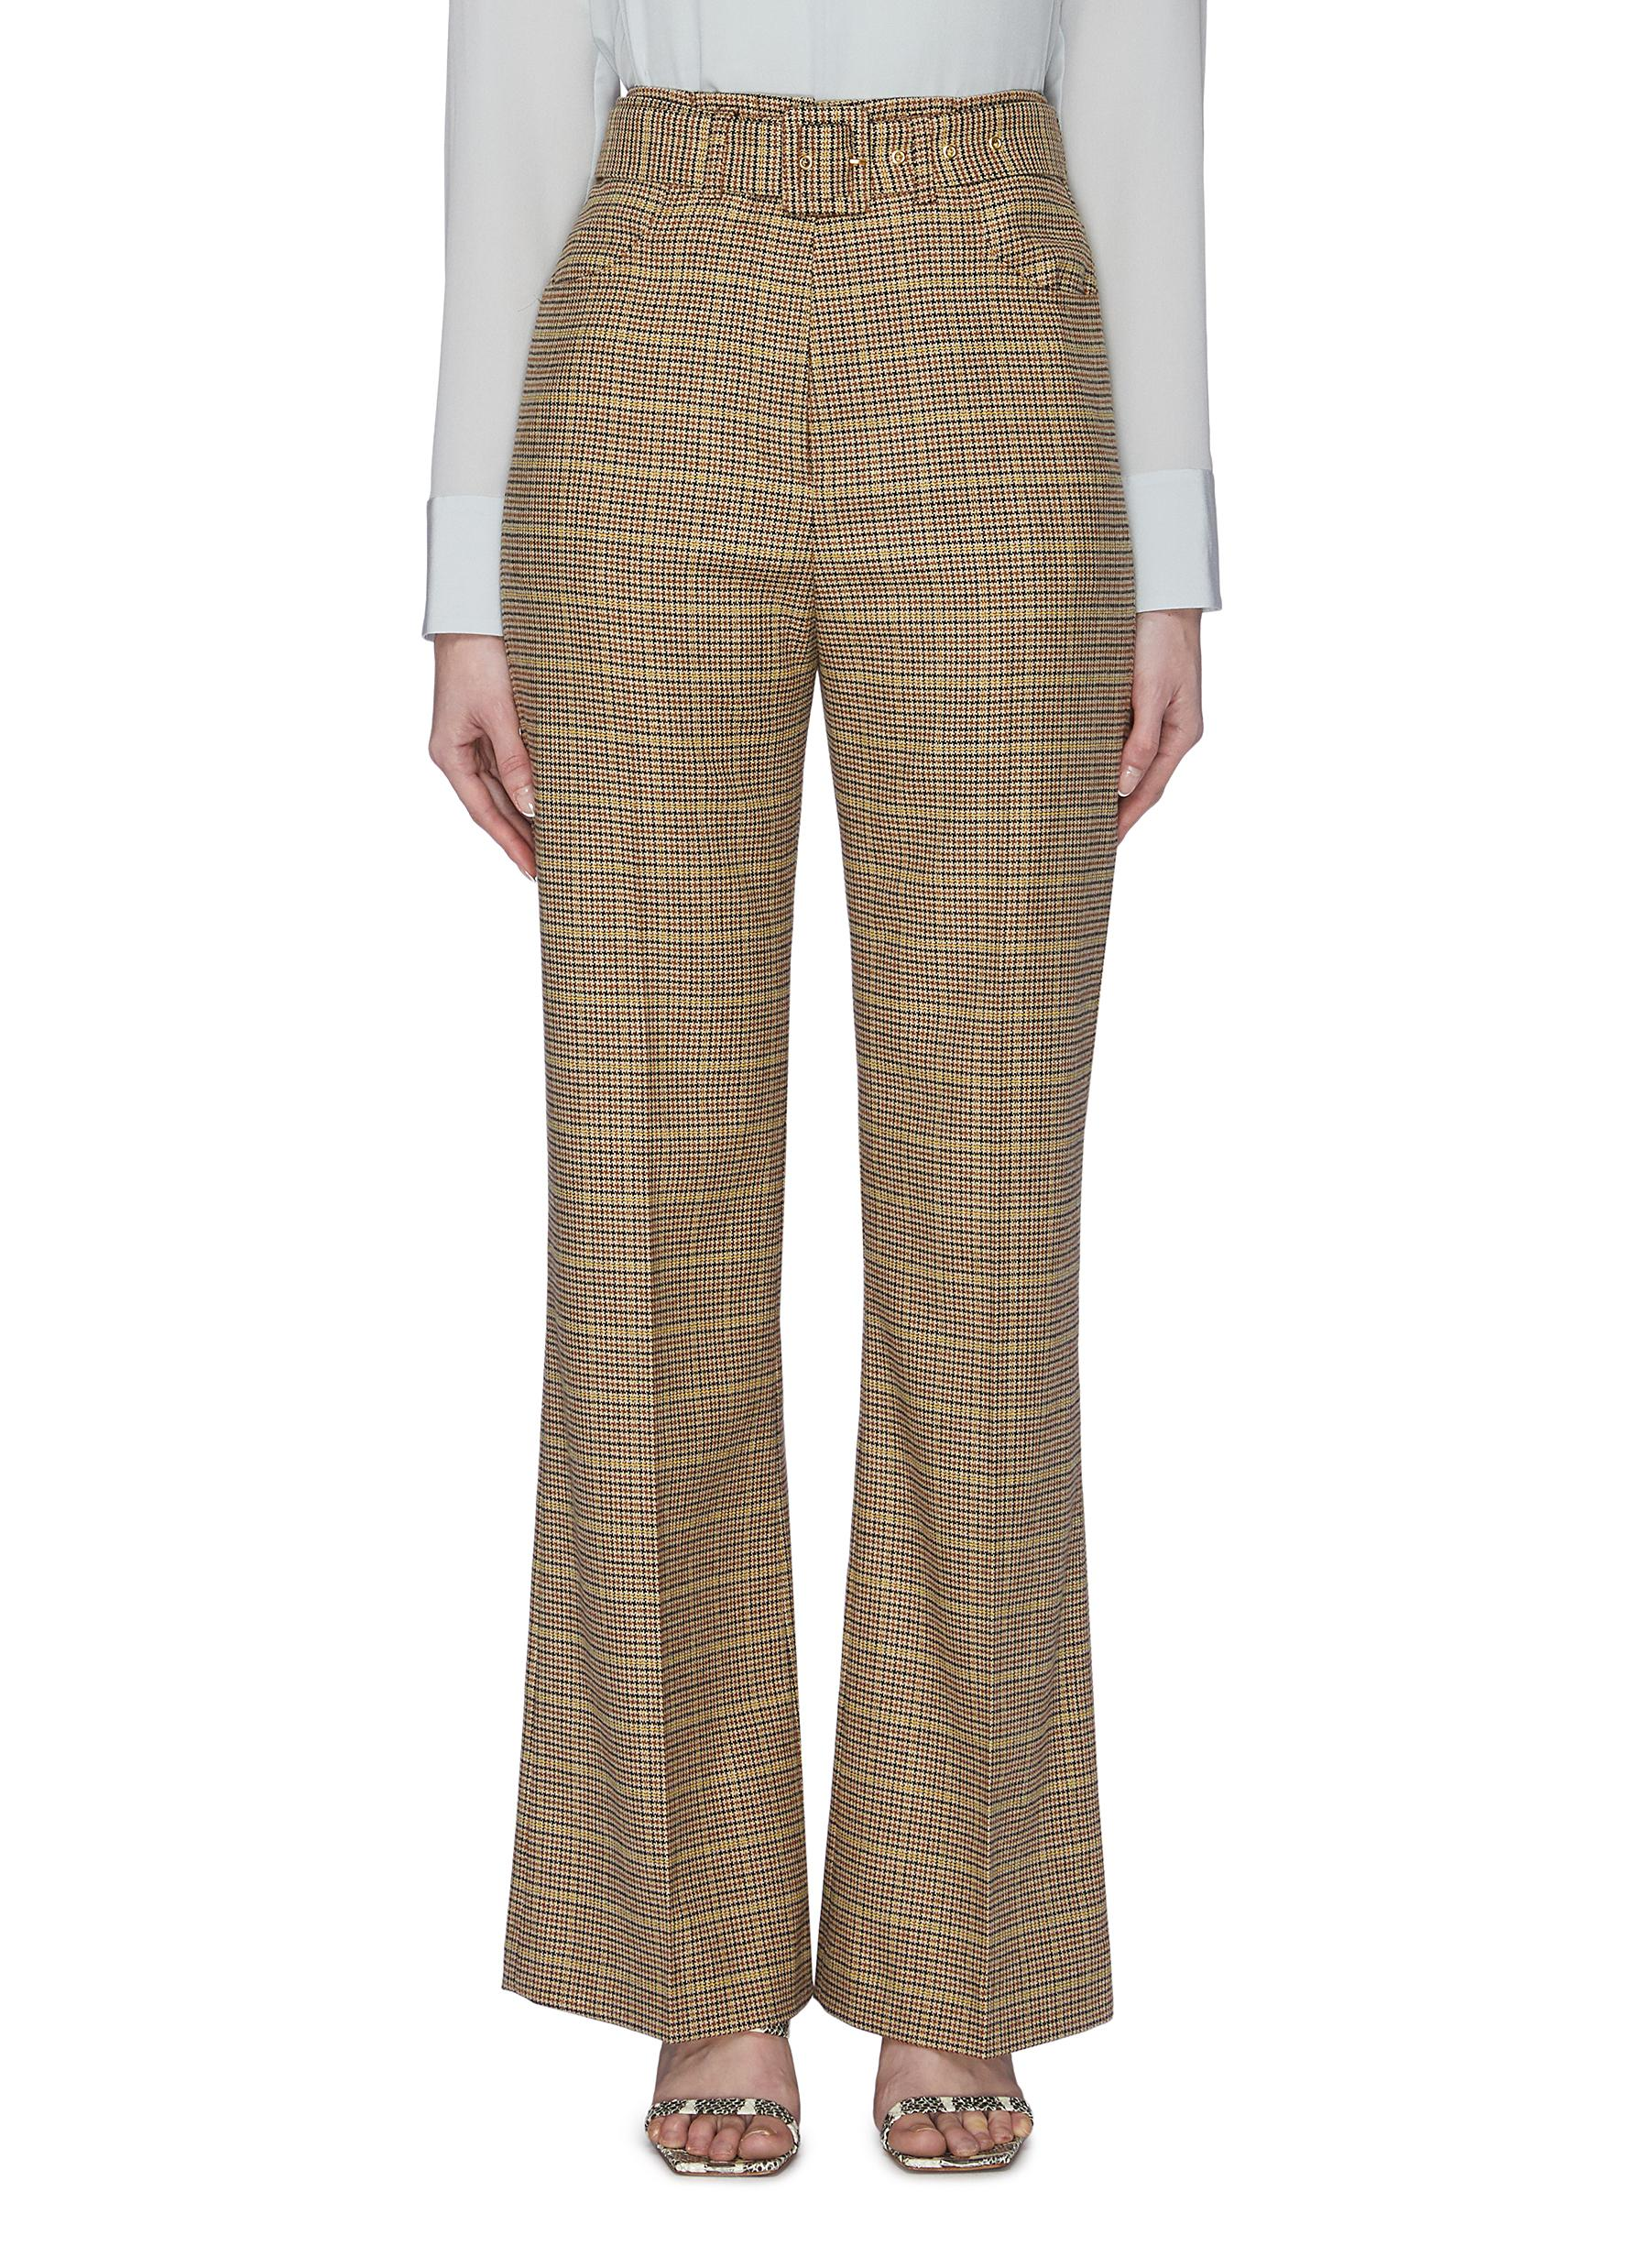 Buy Nanushka Pants & Shorts 'Clara' belted checked flared pants